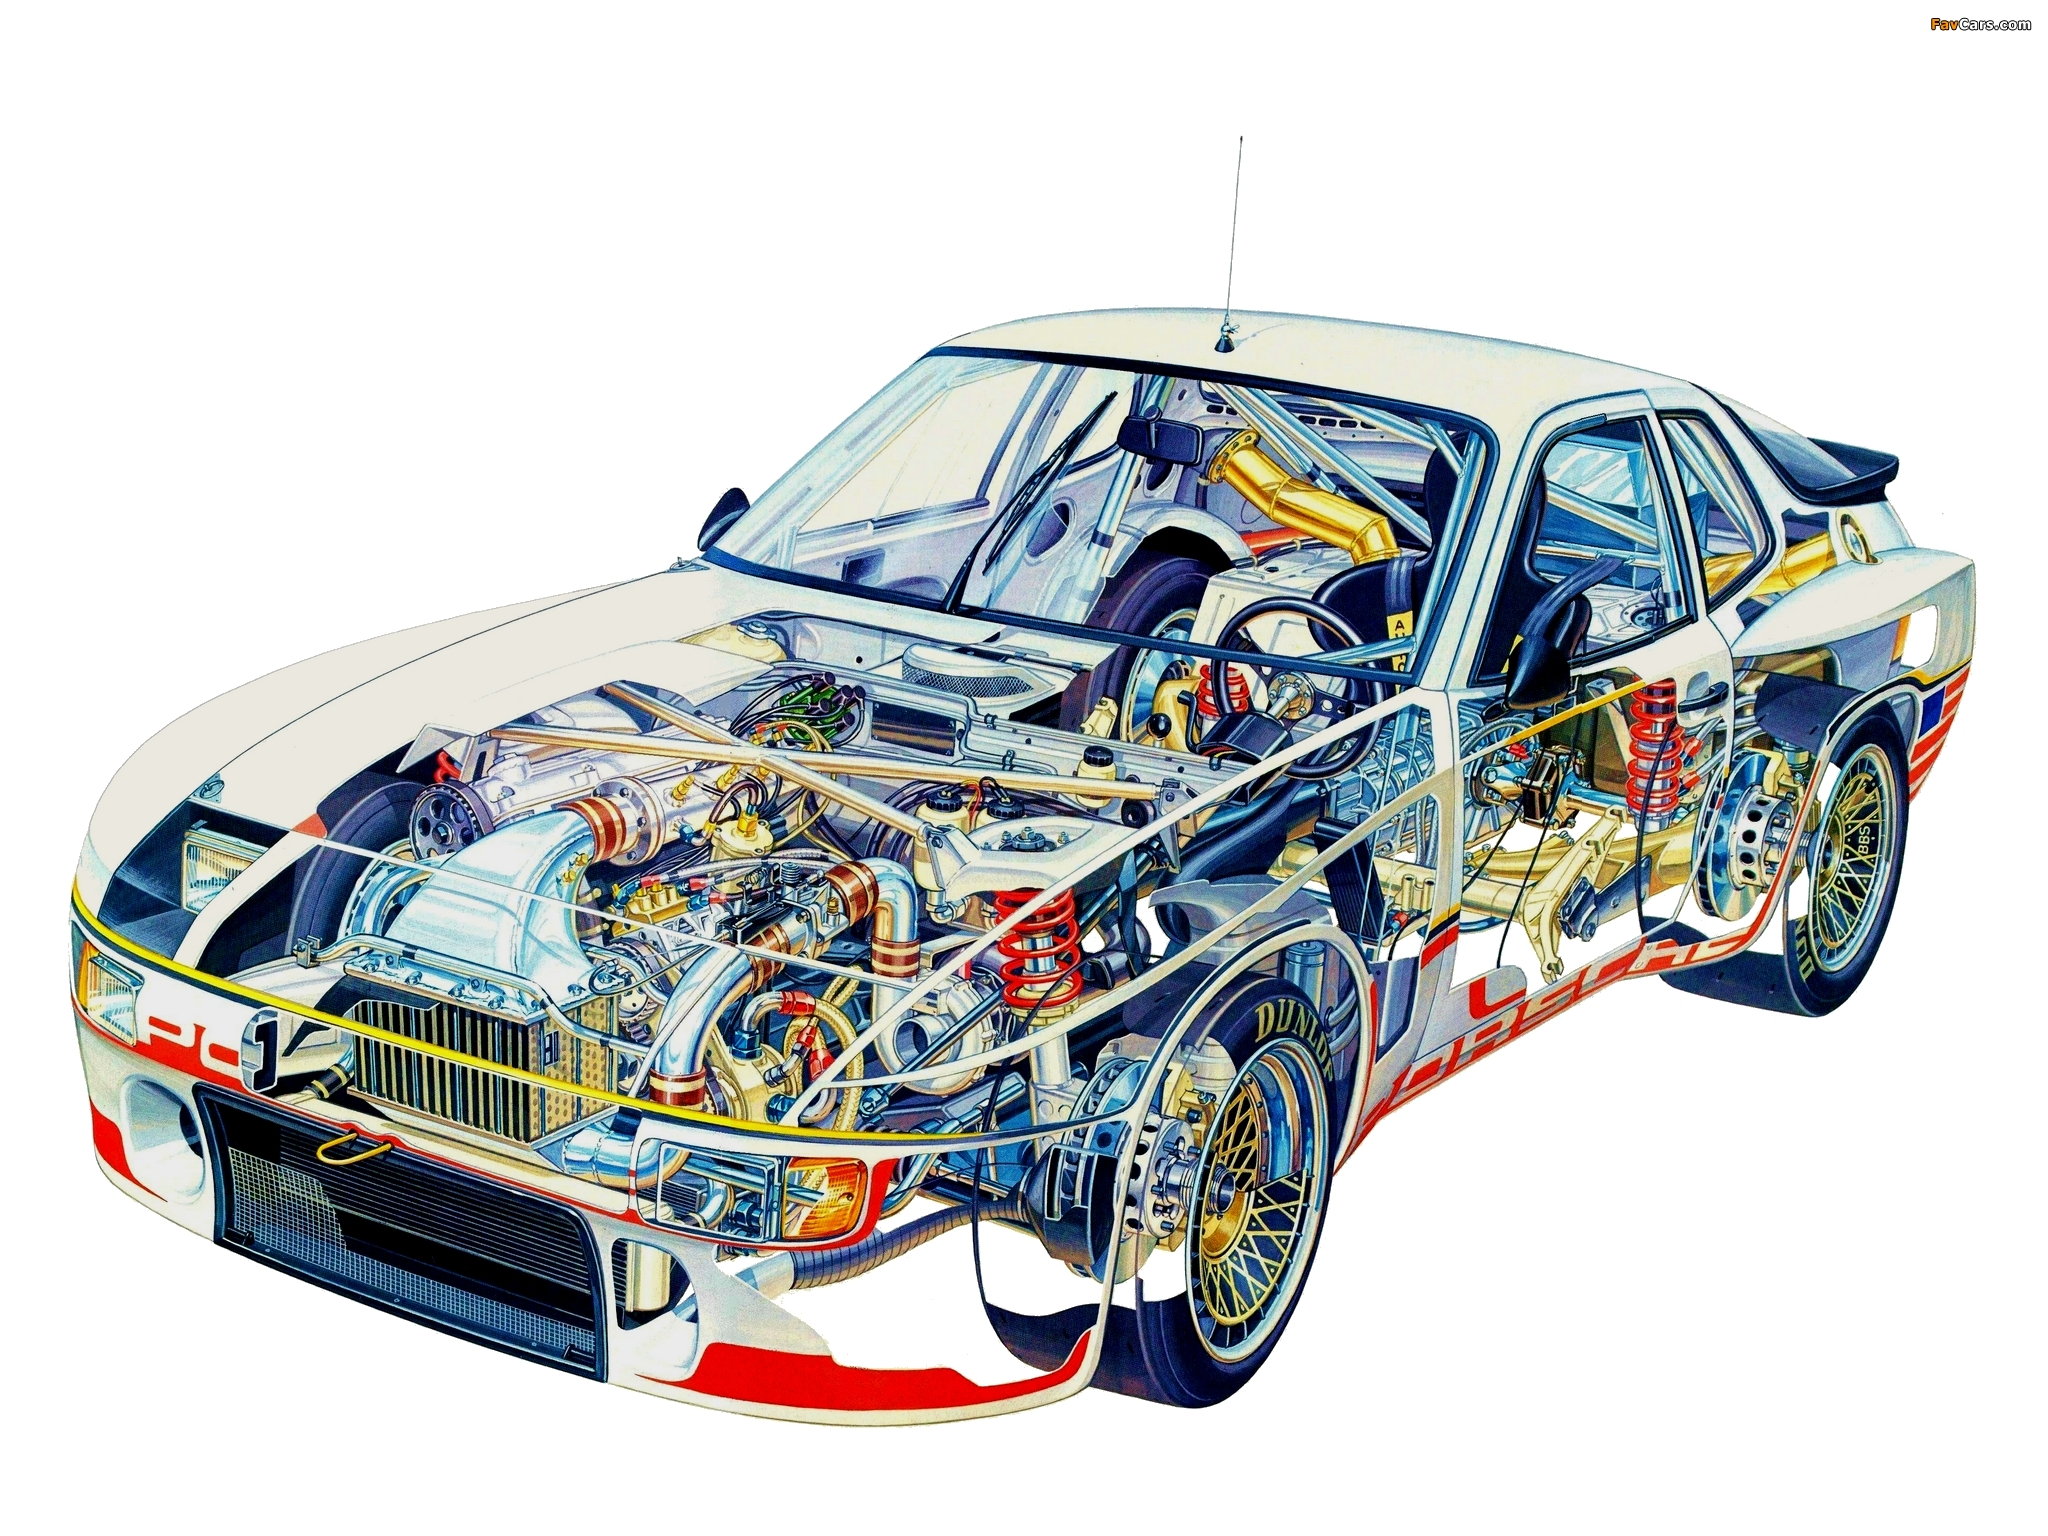 http://img.favcars.com/porsche/924/porsche_924_1980_pictures_1.jpg